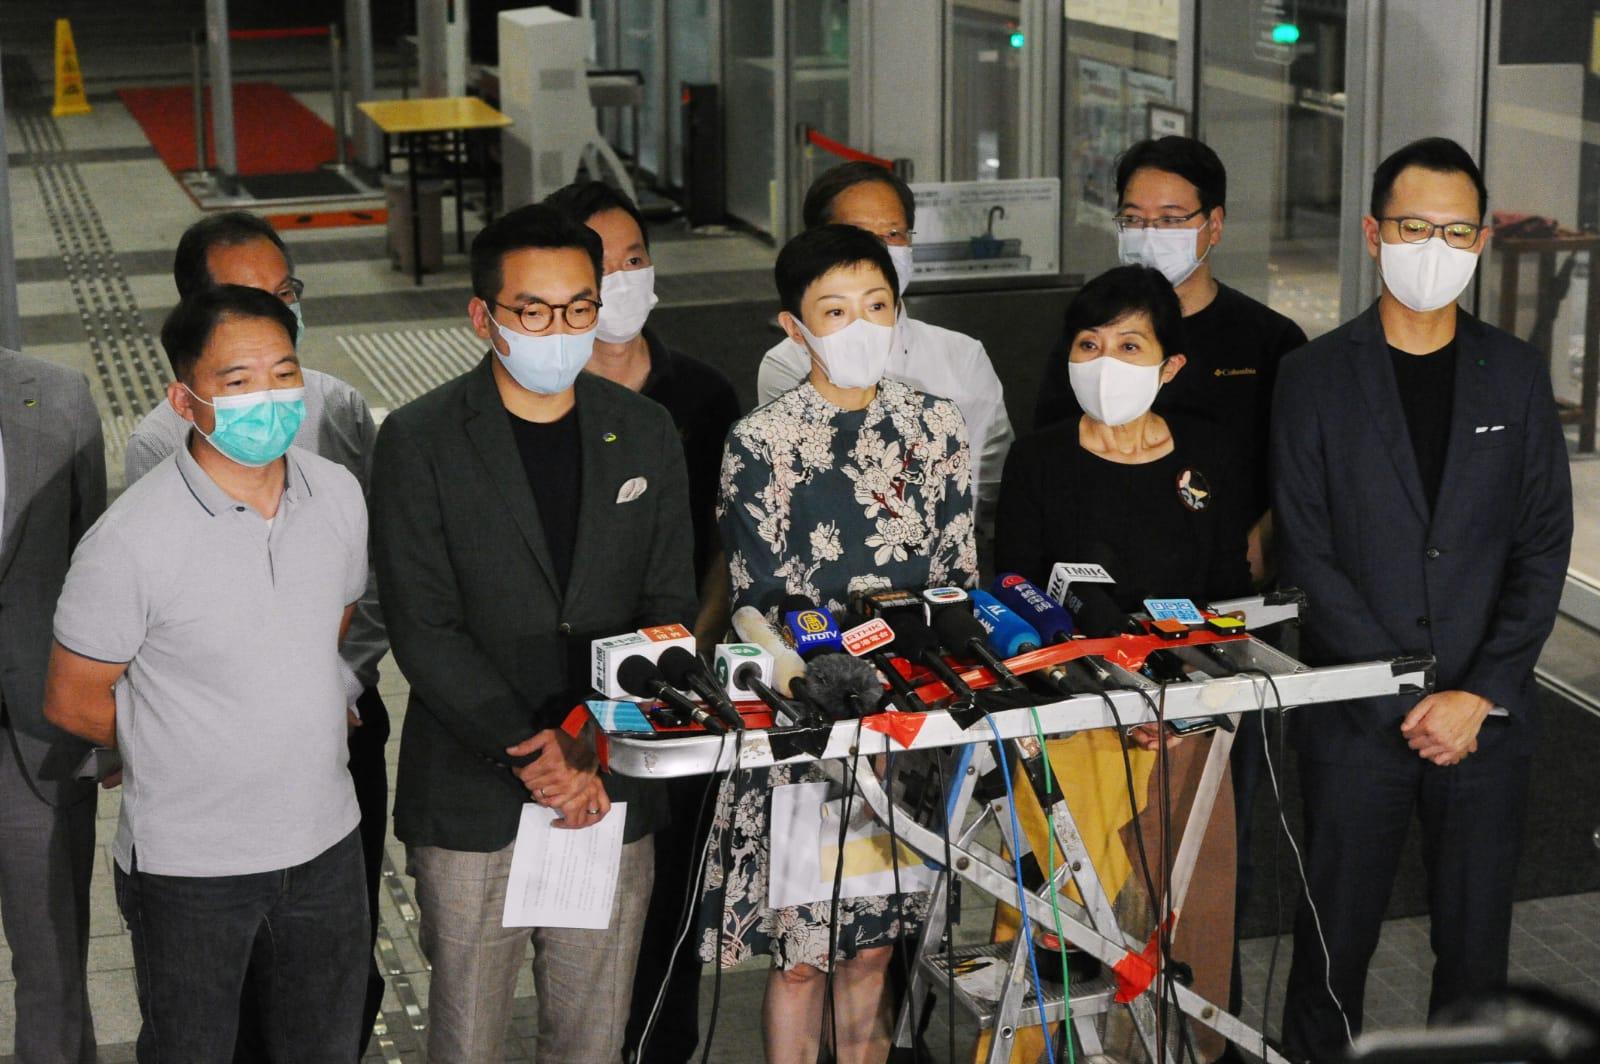 中共兩會將討論港版國安法,香港民主派議員回應。(宋碧龍/大紀元)